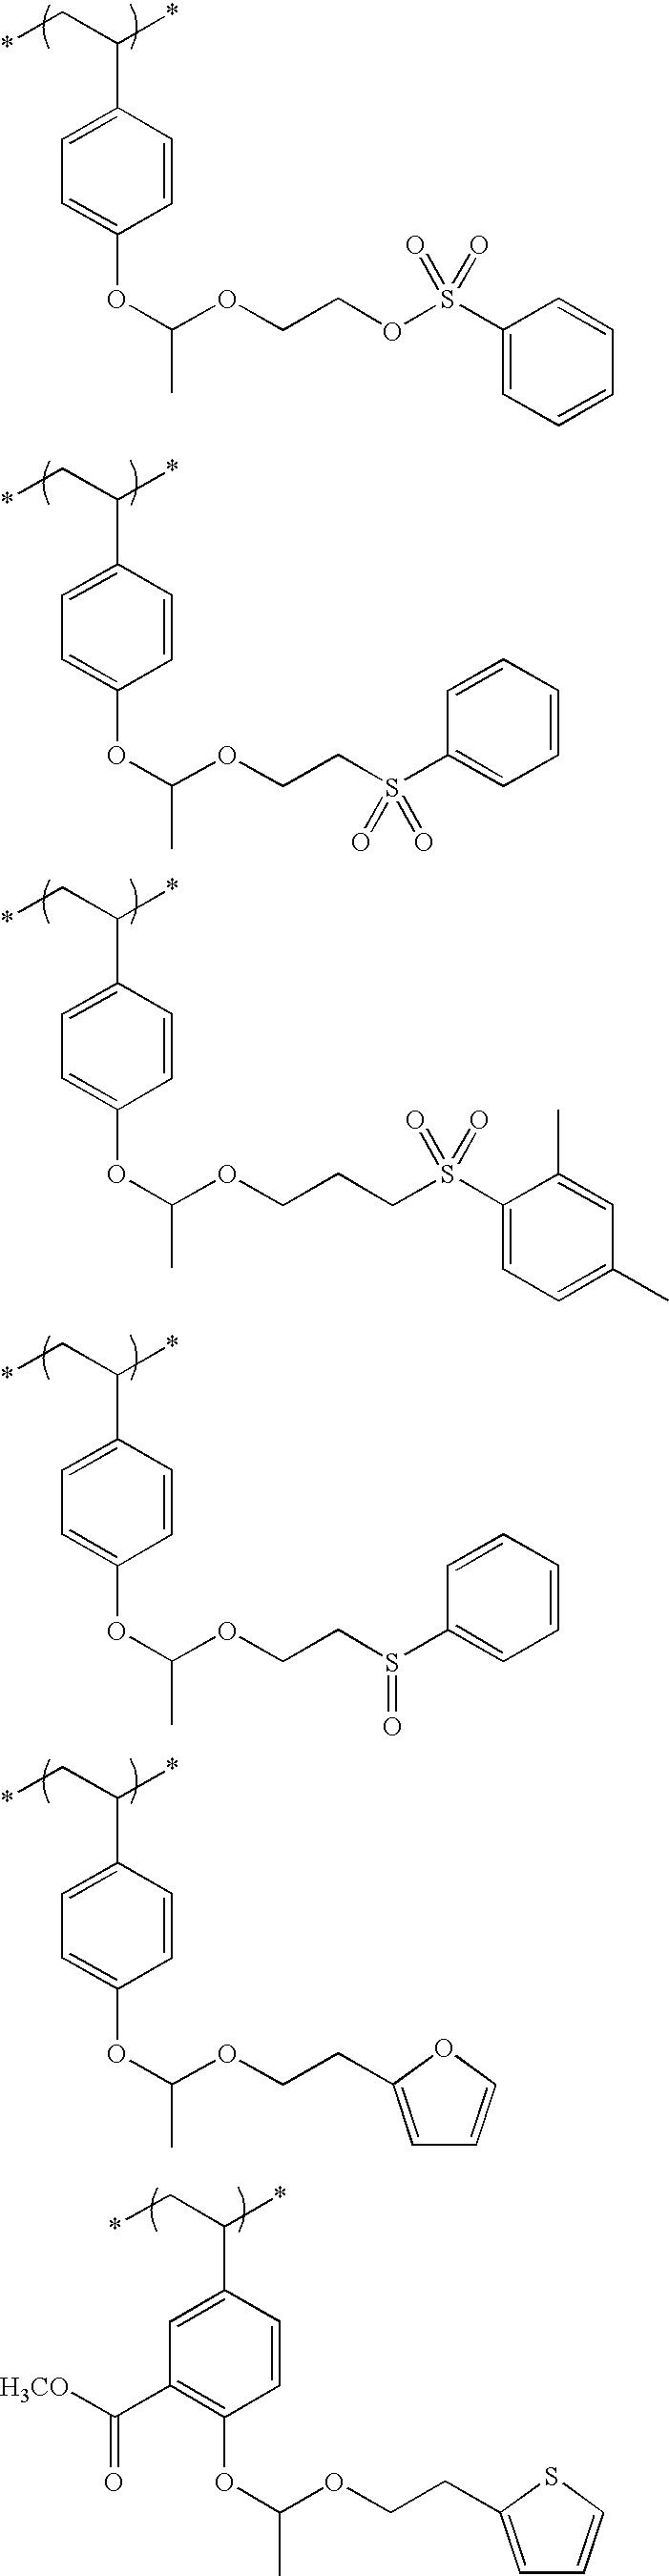 Figure US20100183975A1-20100722-C00096